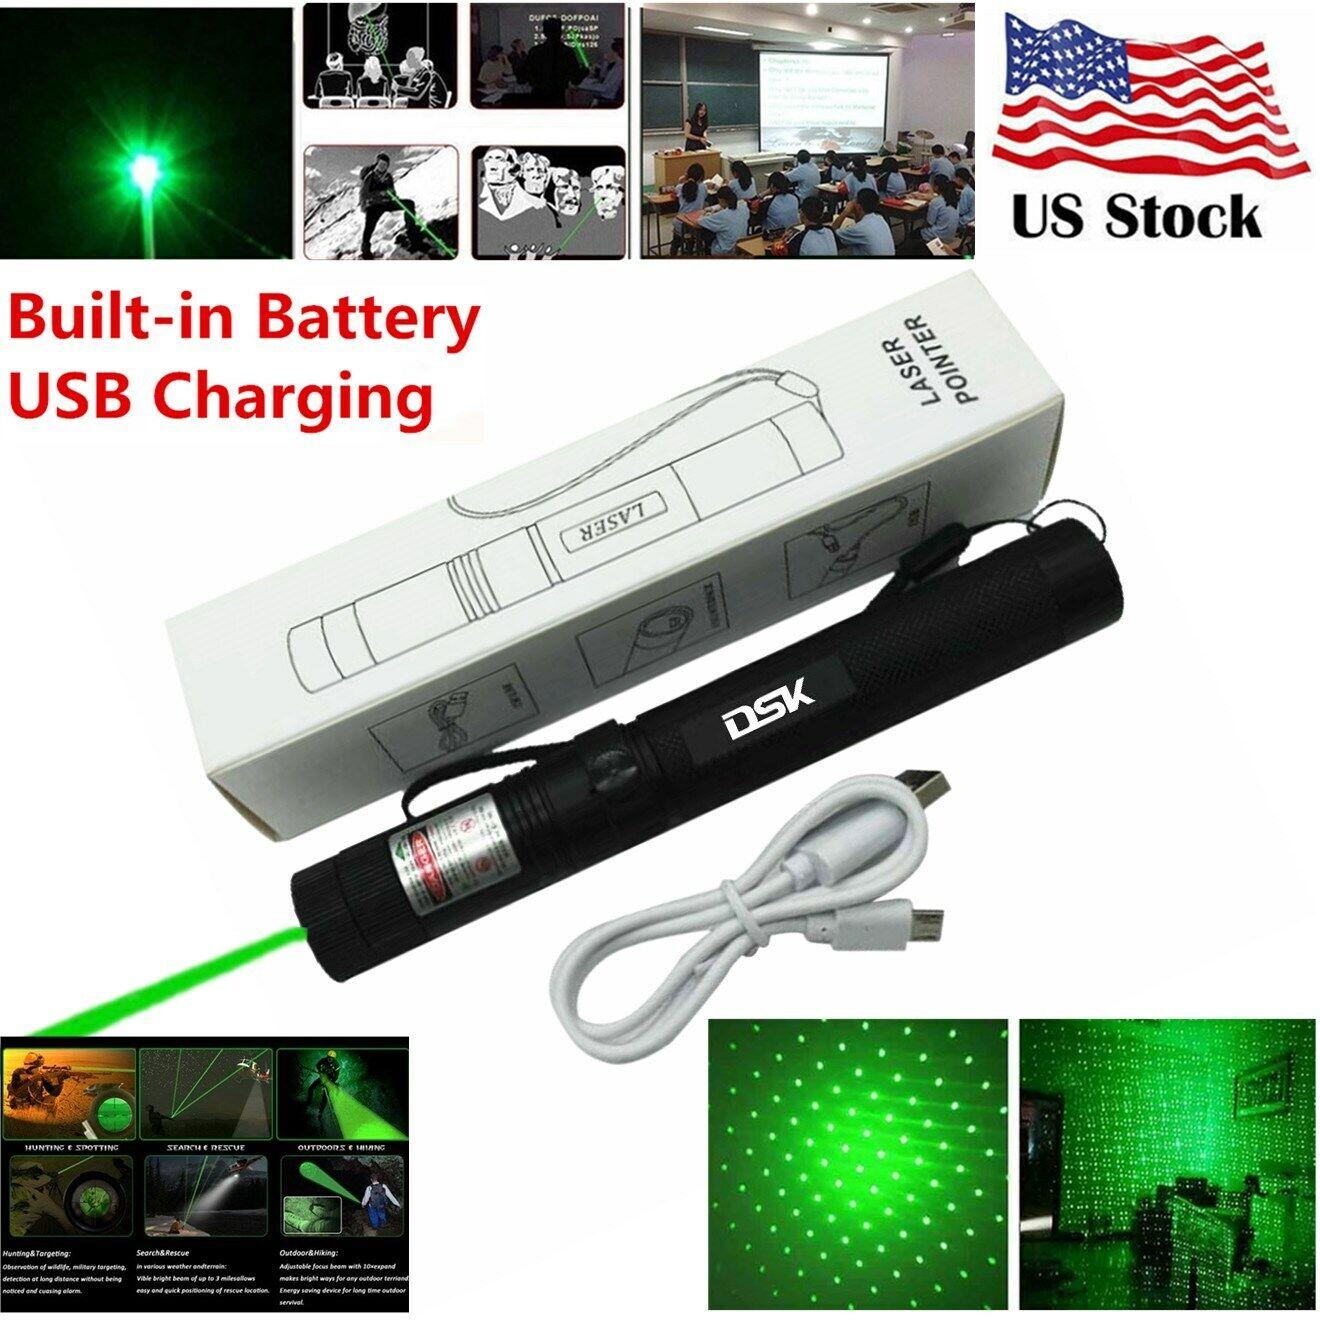 900Miles 2in1 Green Laser Pointer Pen Star Beam Light USB Rechargeable Lazer Pen